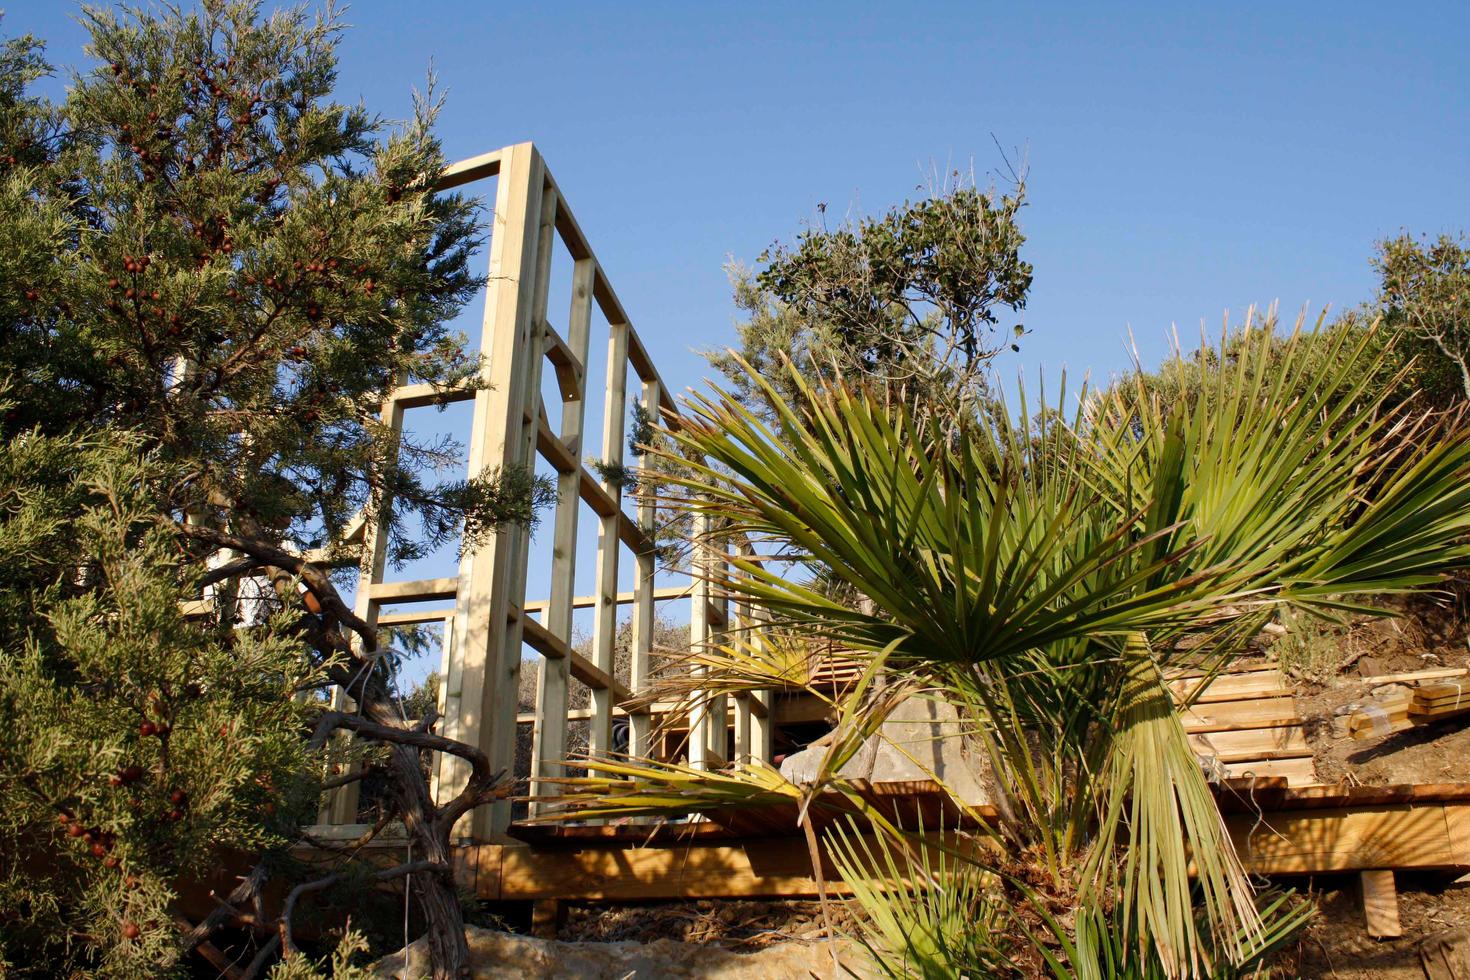 04 Construccion sostenible 1.jpg